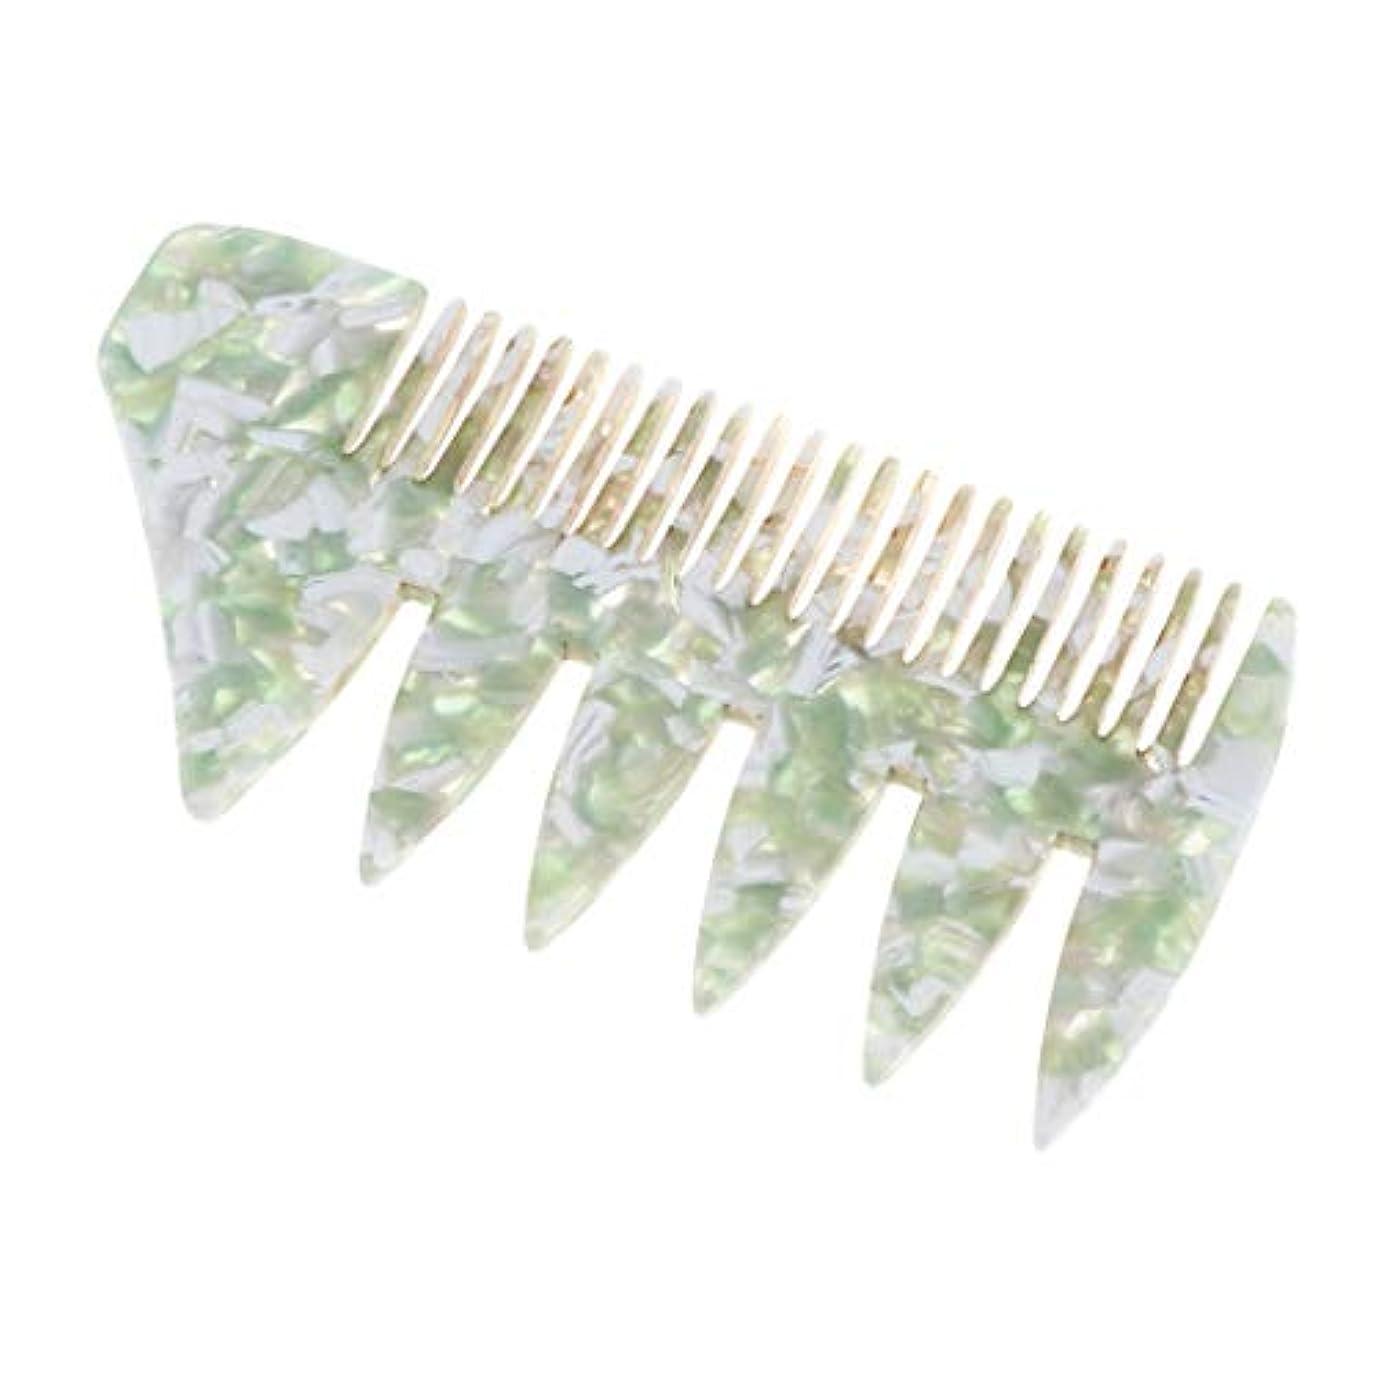 とげのあるバルク脈拍SM SunniMix プラスチック 広い歯 ヘアスタイリング櫛 くし 全4色 - 緑